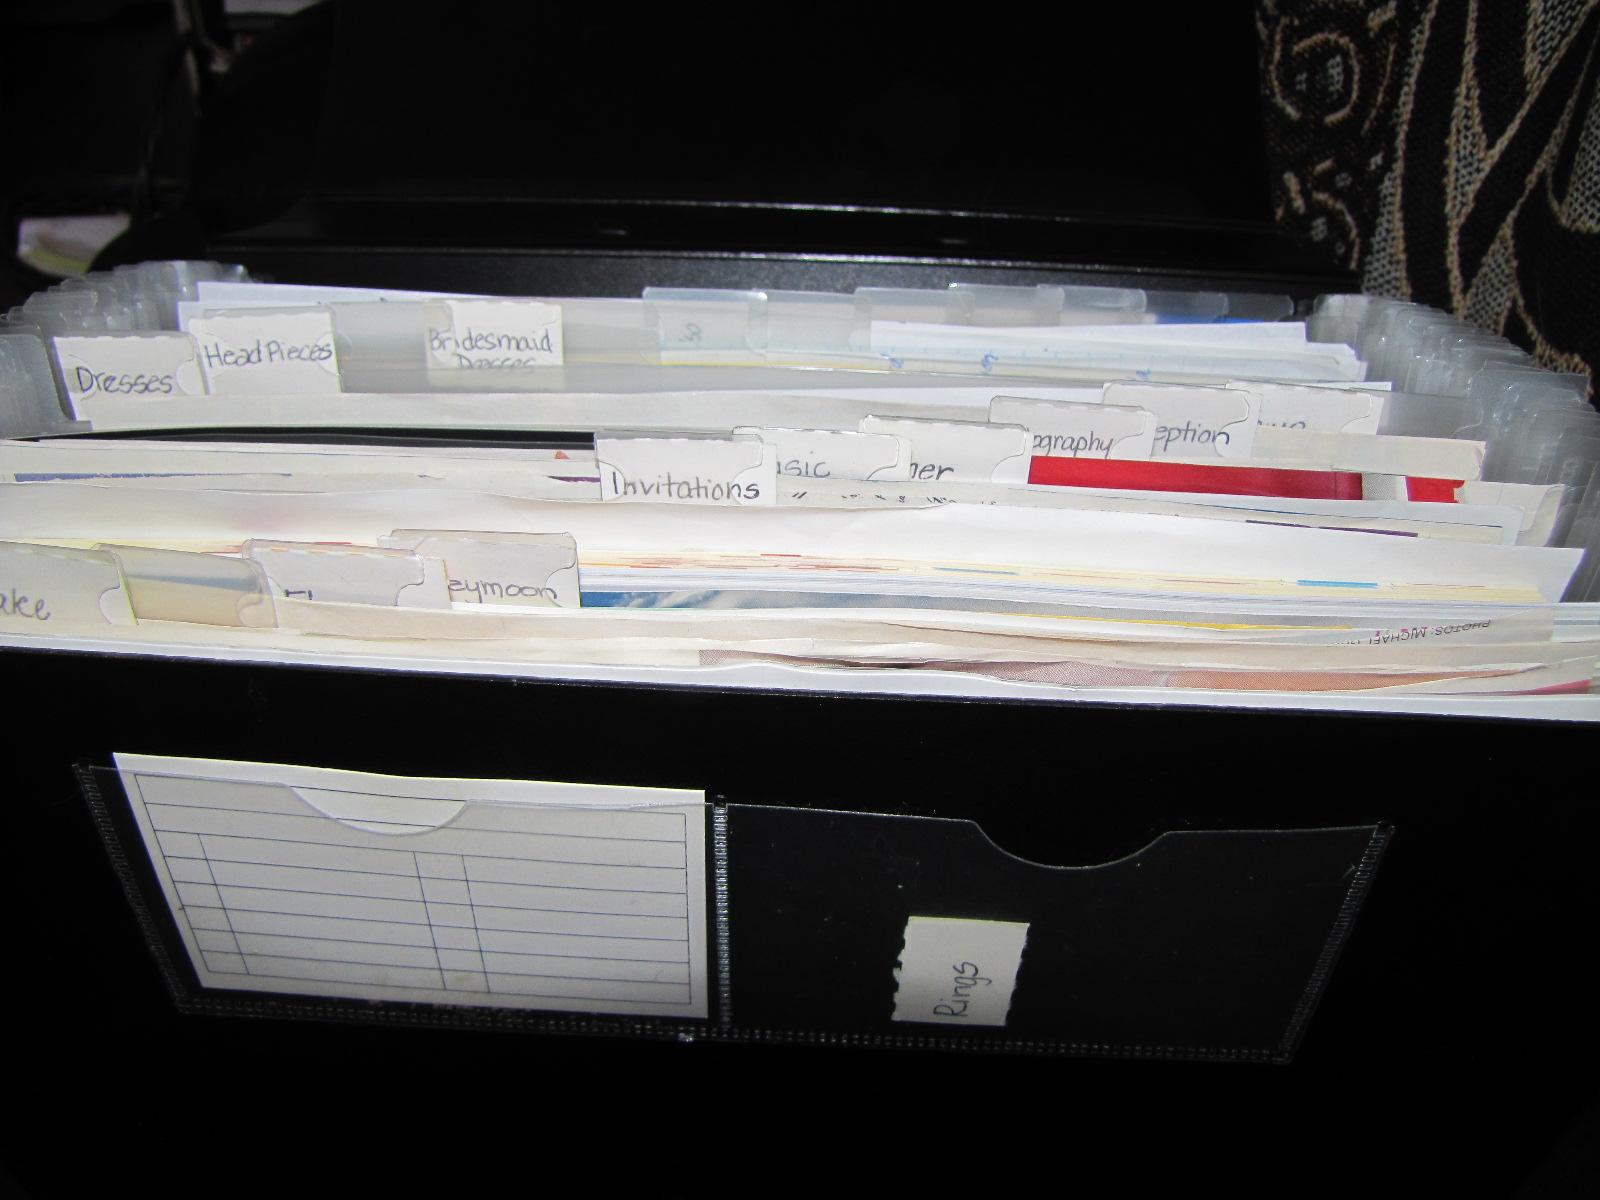 accordion folder - Accordion Folder